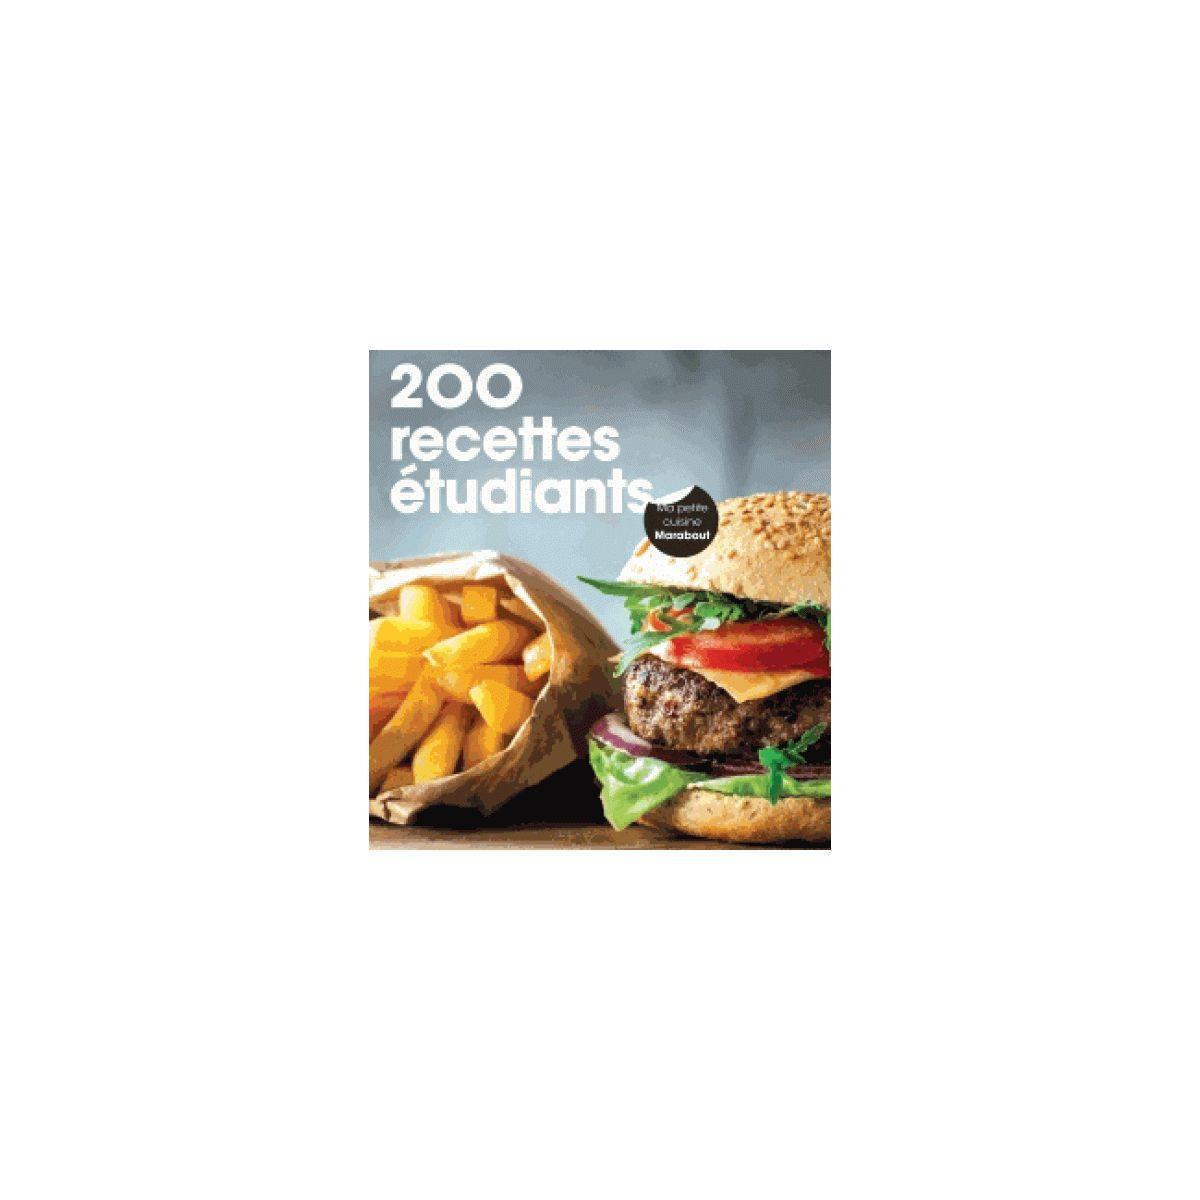 Livre marabout 200 recettes étudiants - la sélection de l'équipe (photo)